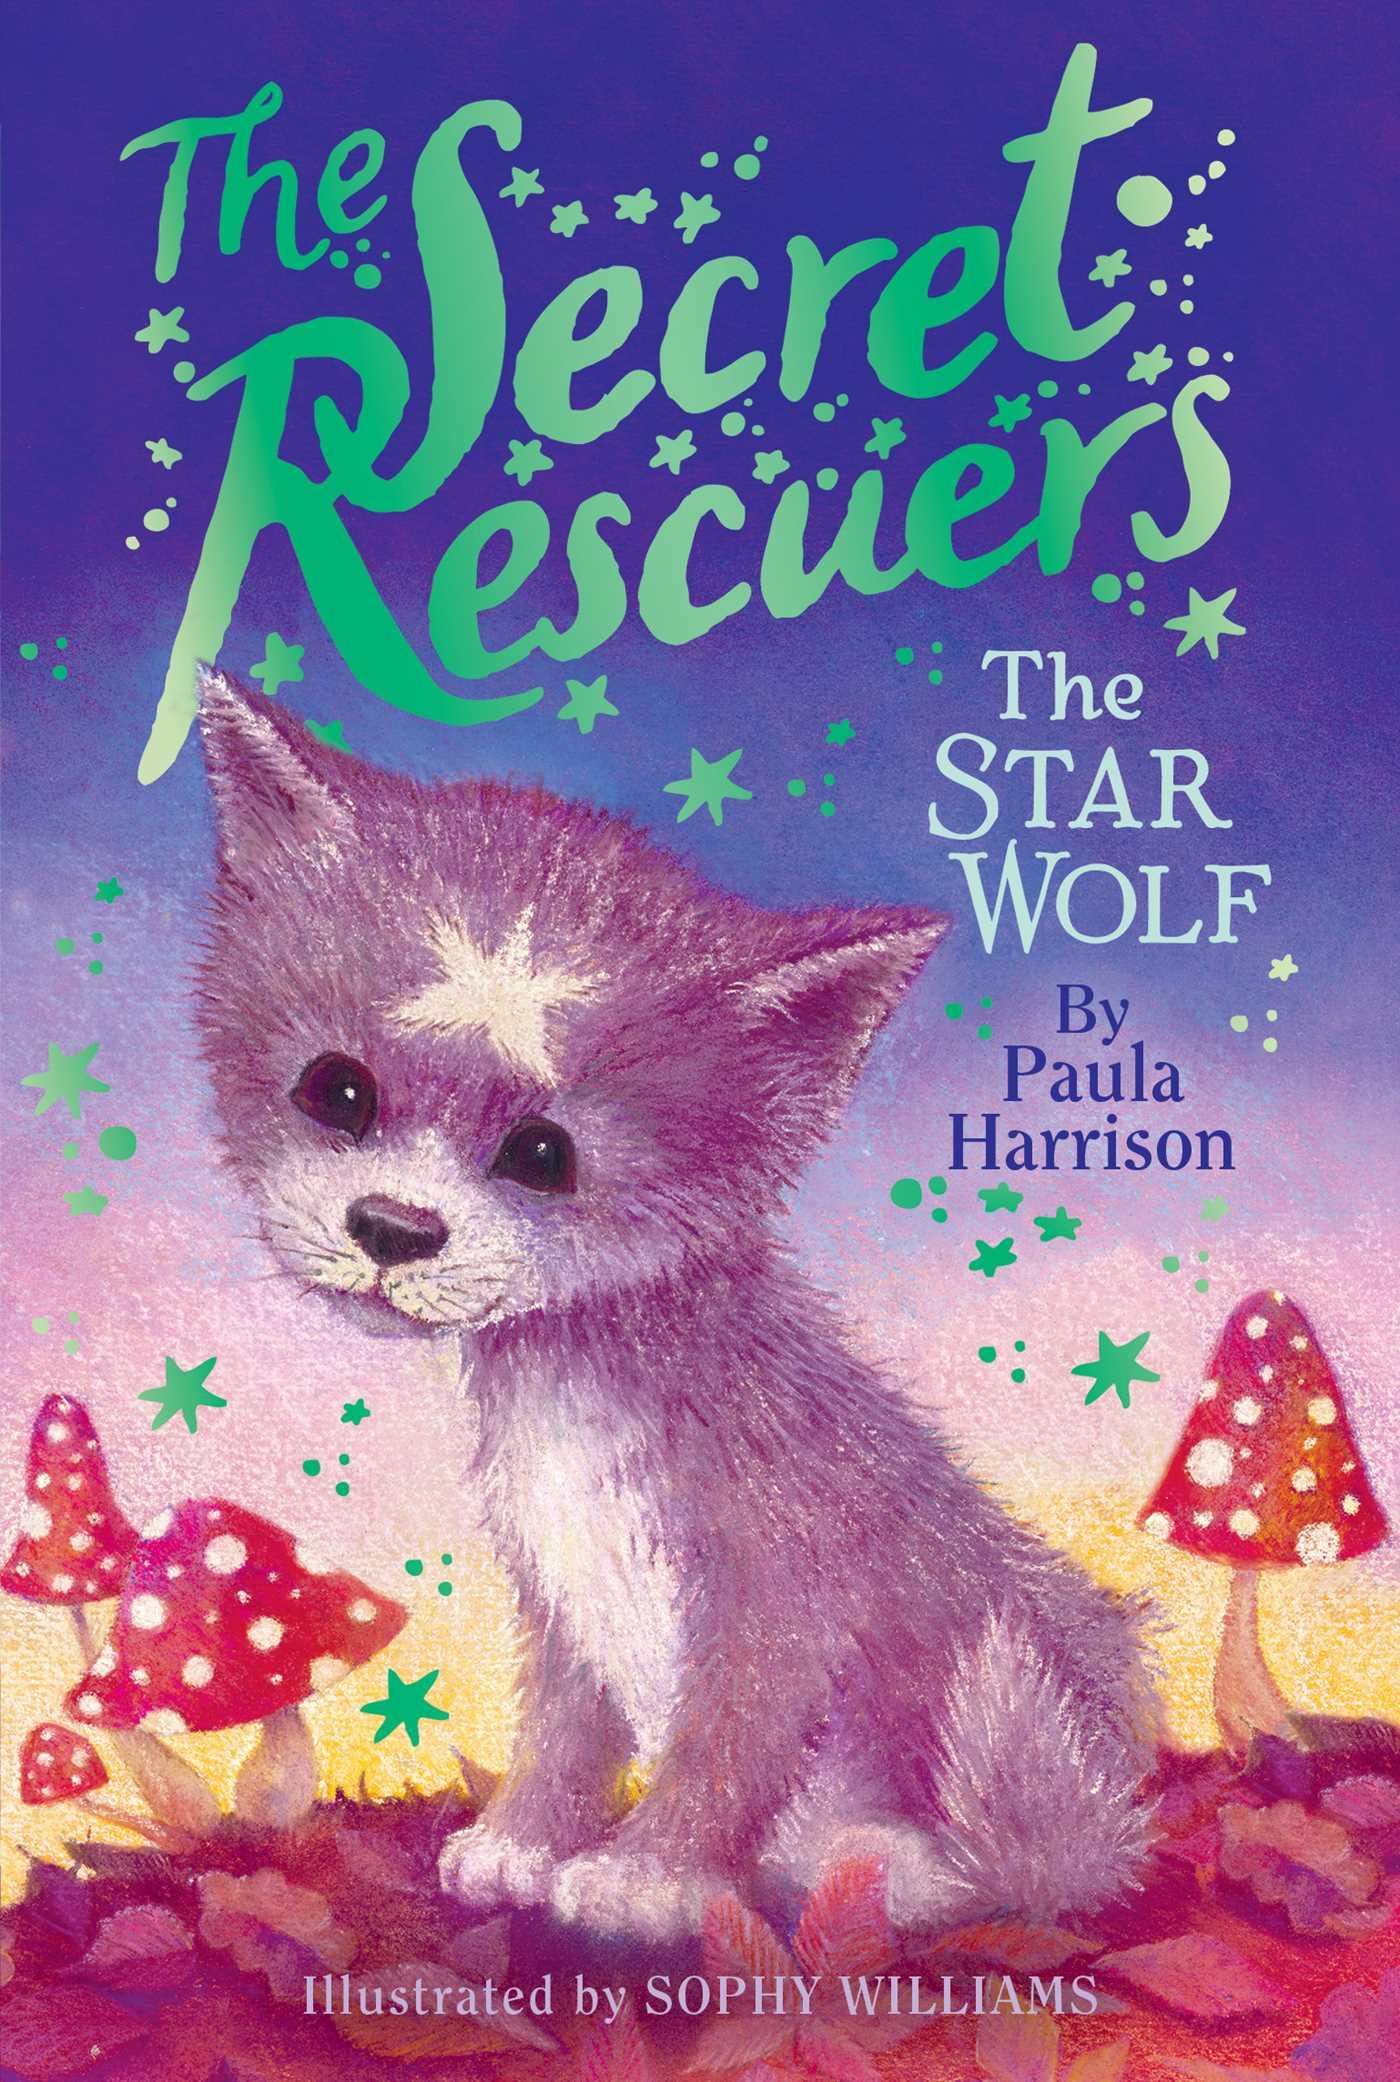 The star wolf 9781481476164 hr